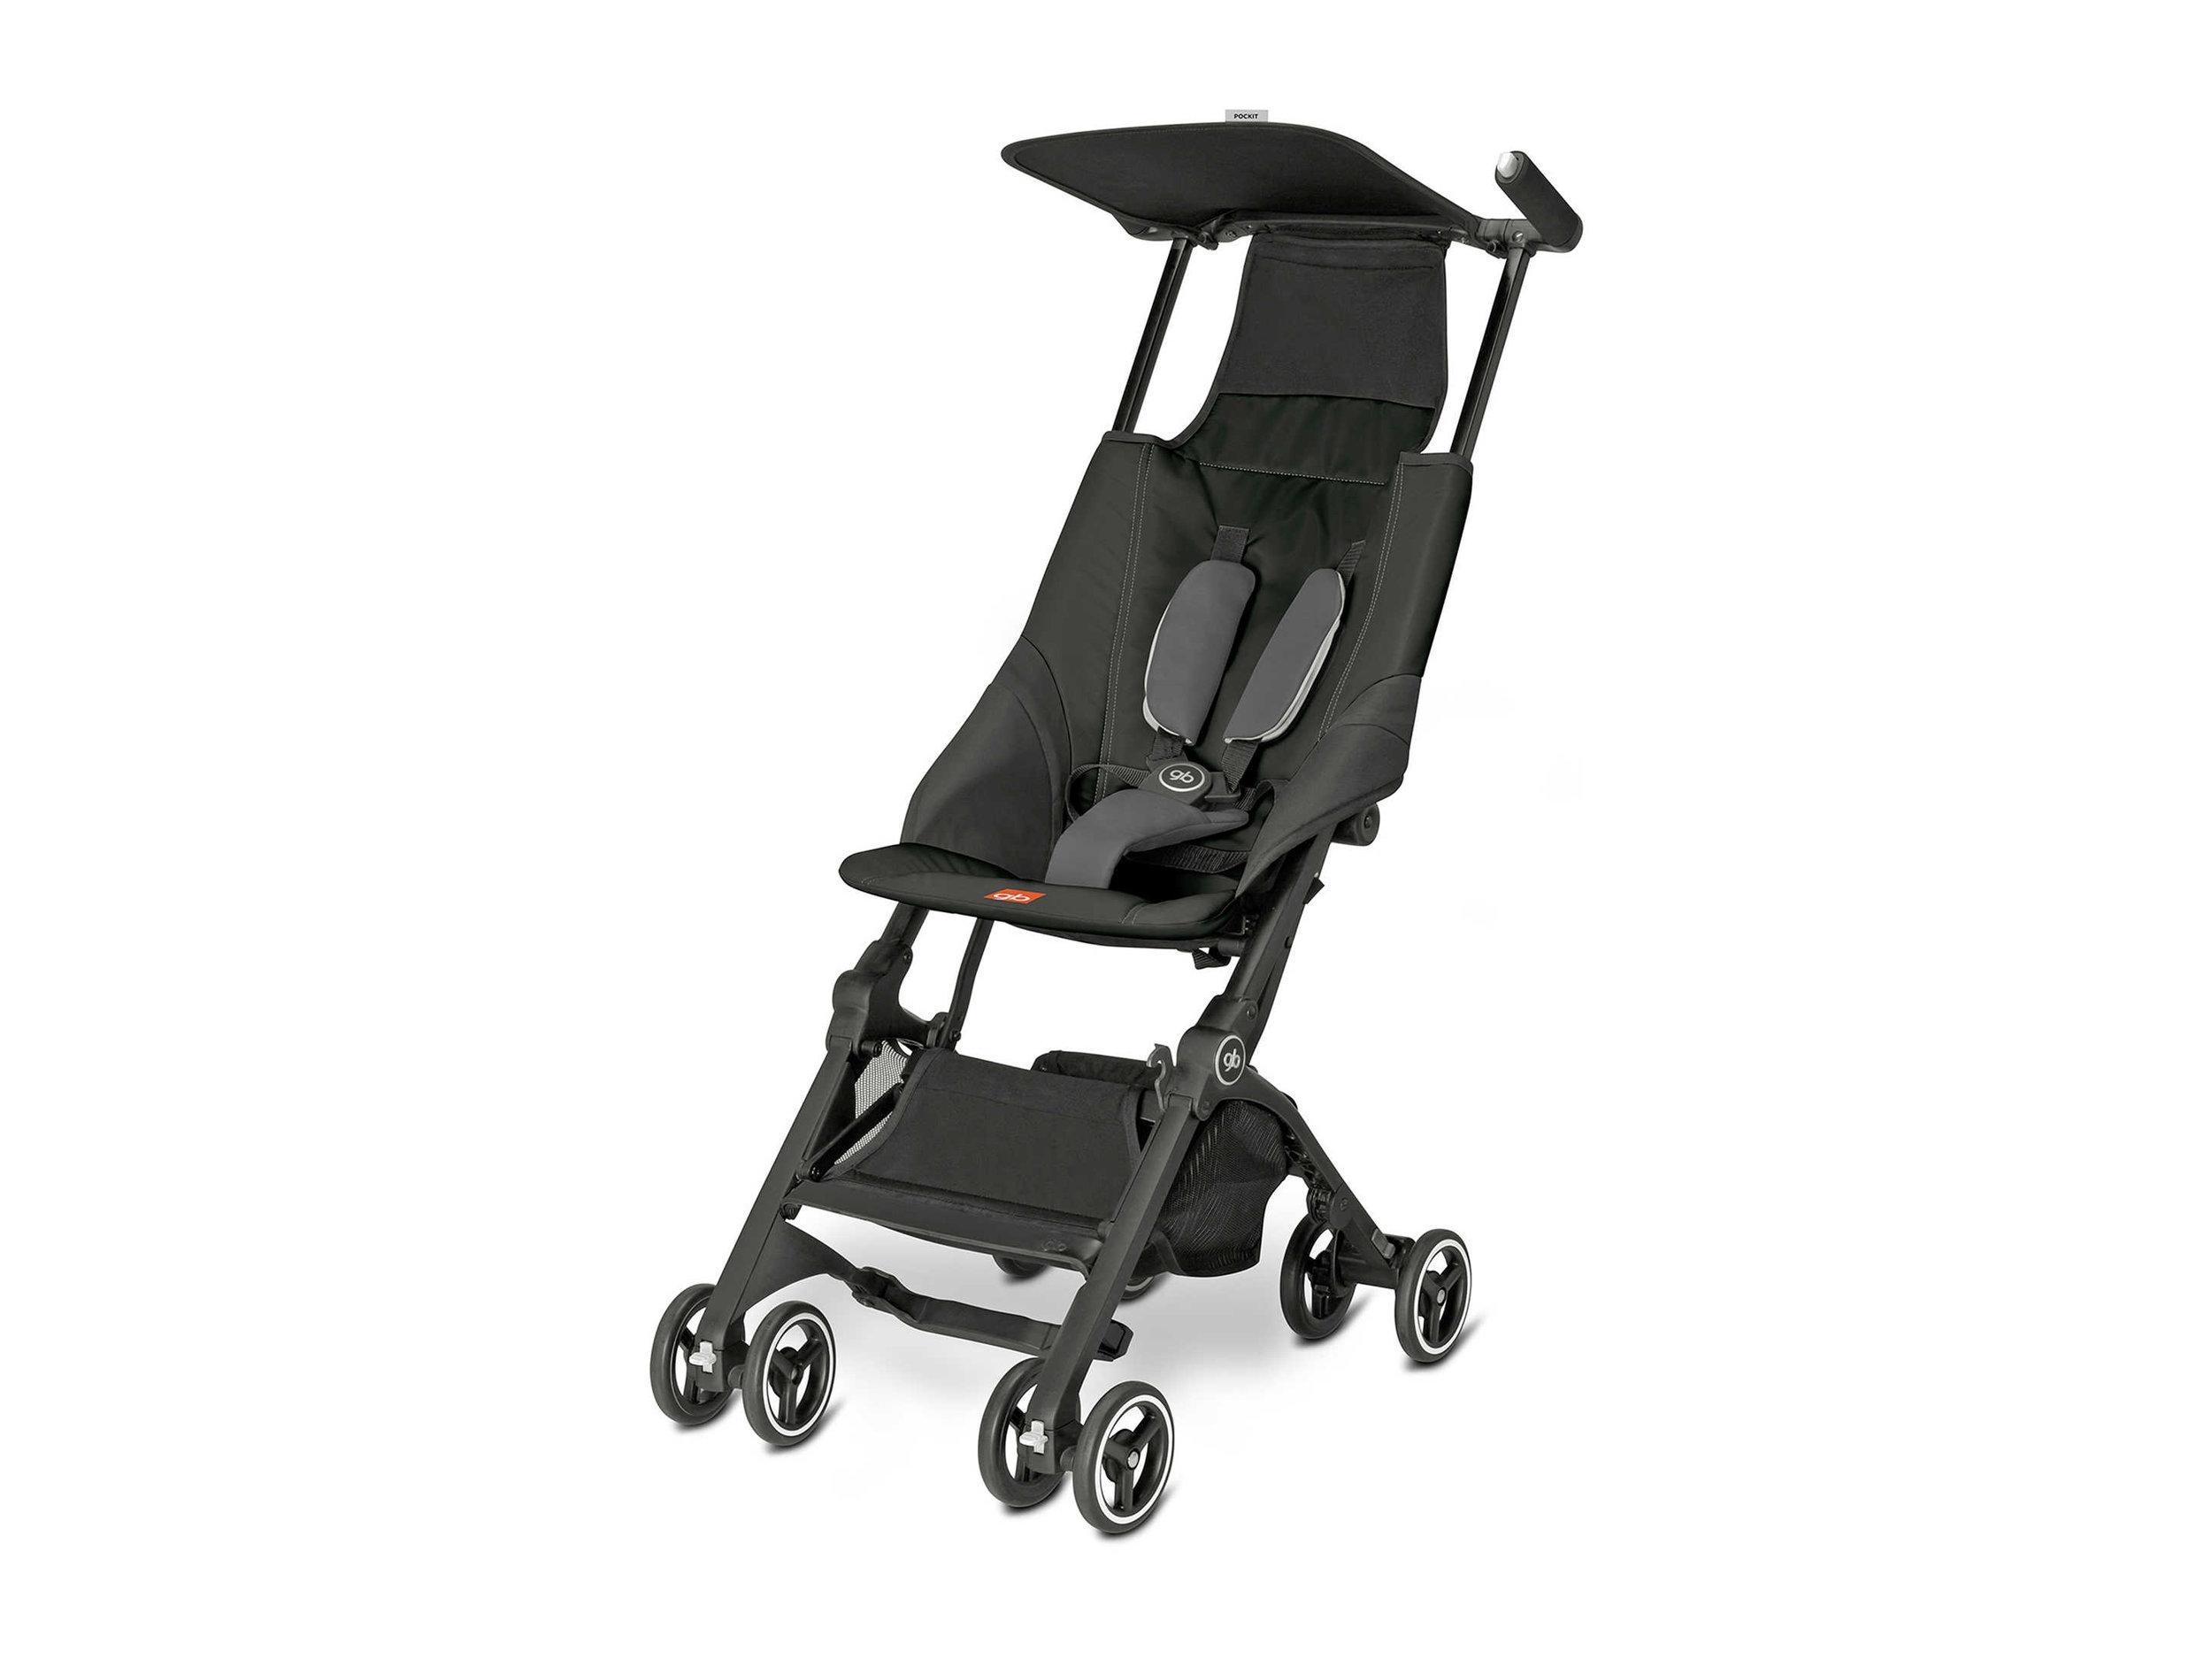 GB Pockit Stroller in Monument Black , $250